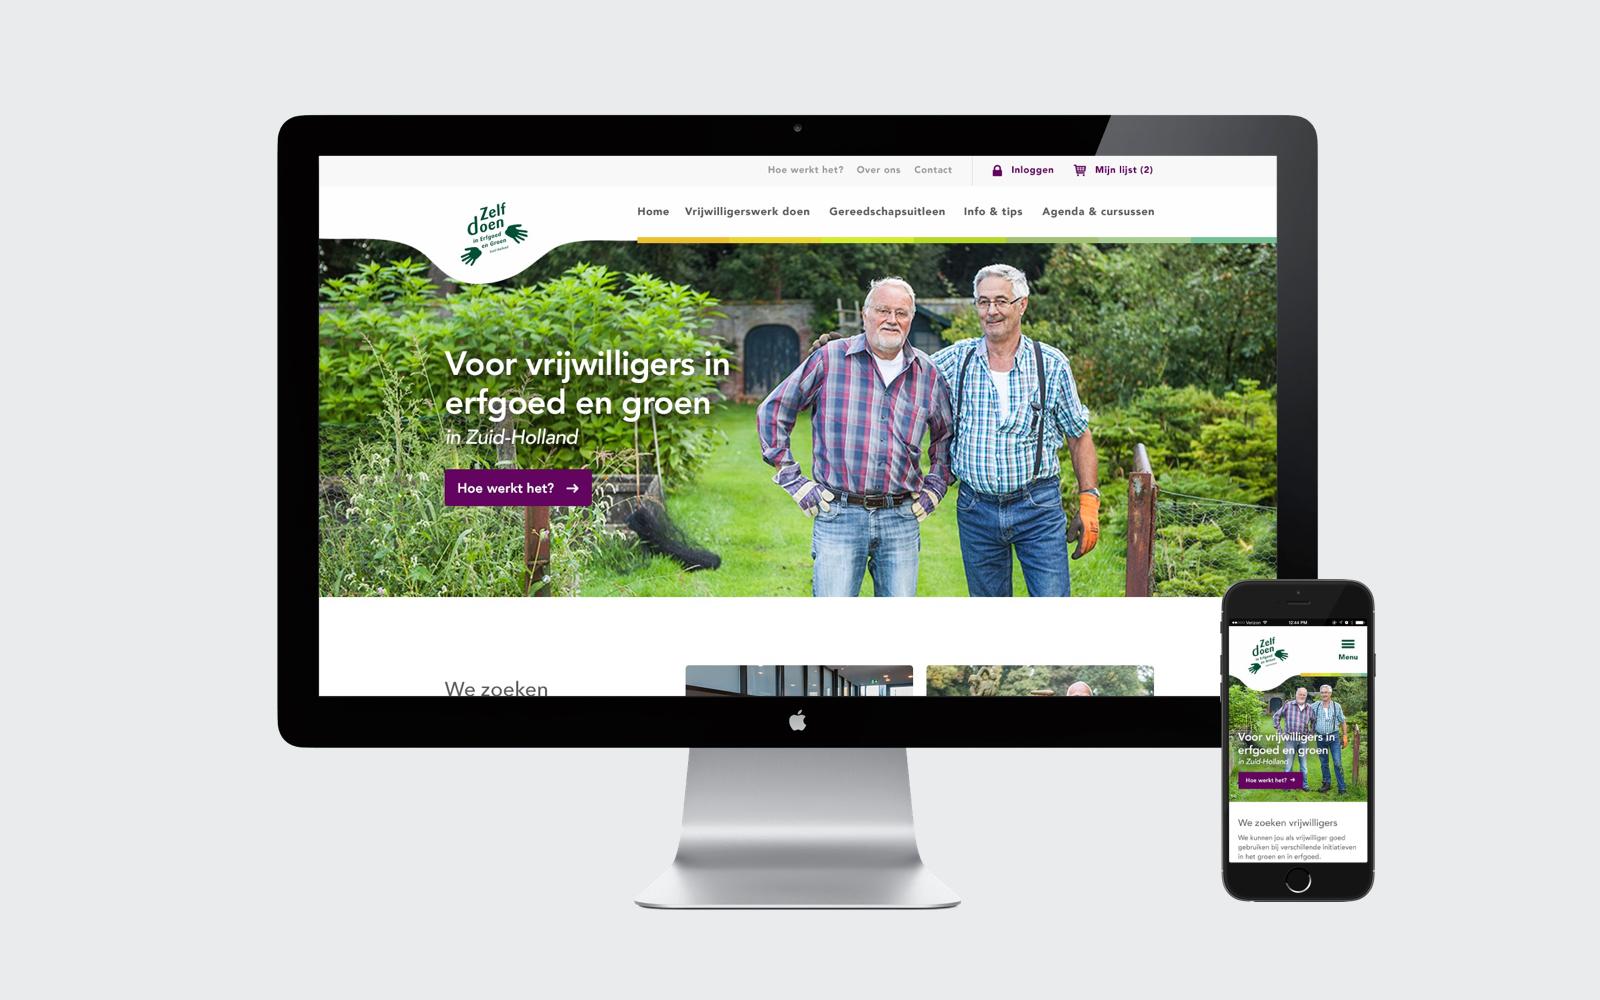 zelf-doen-in-erfgoed-en-groen-website-1